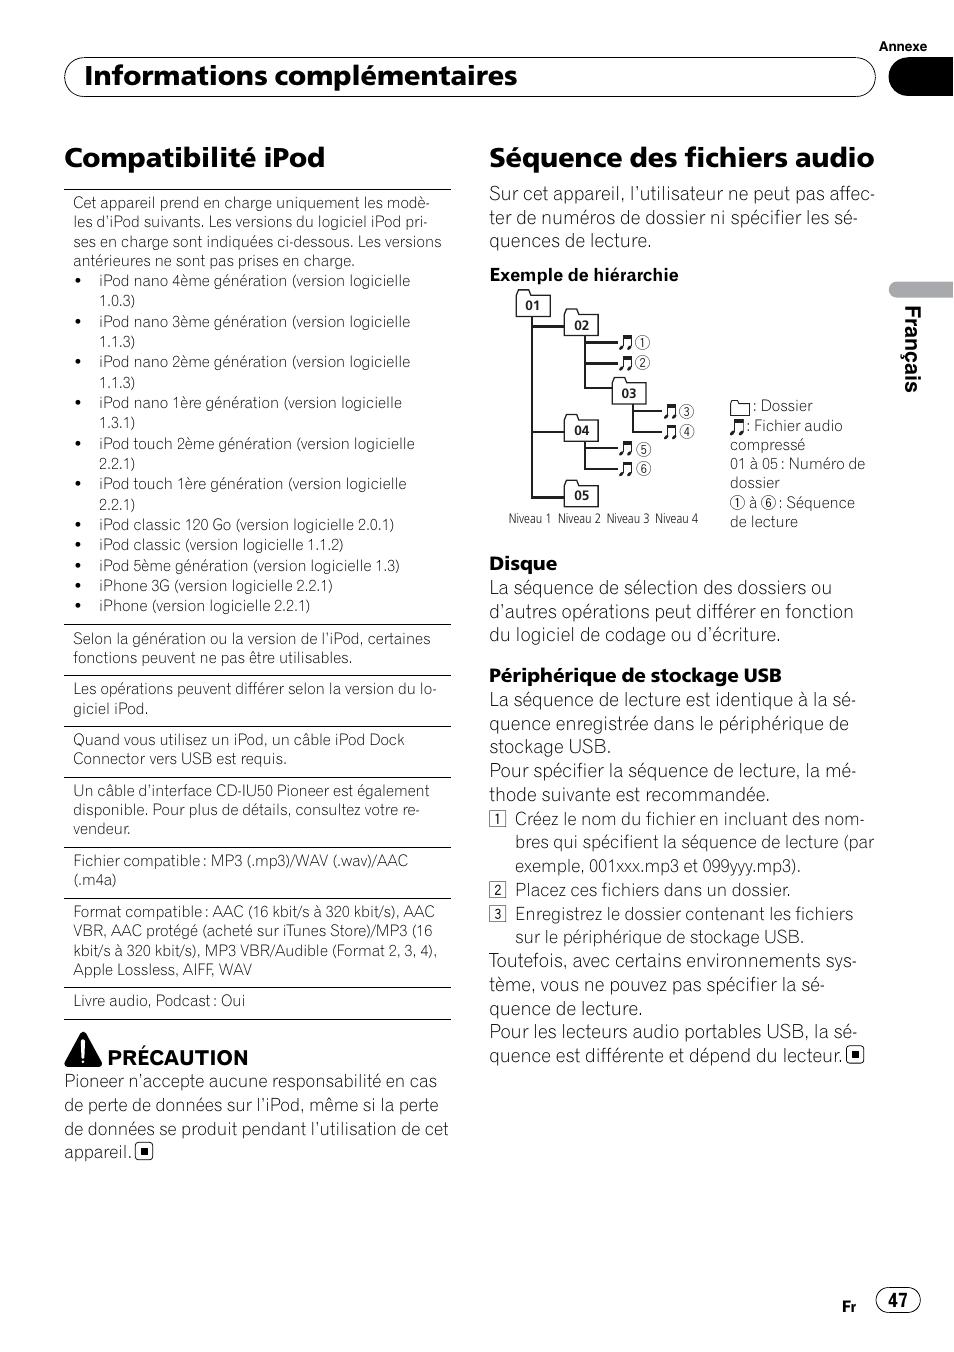 Compatibilité ipod, Séquence des fichiers audio